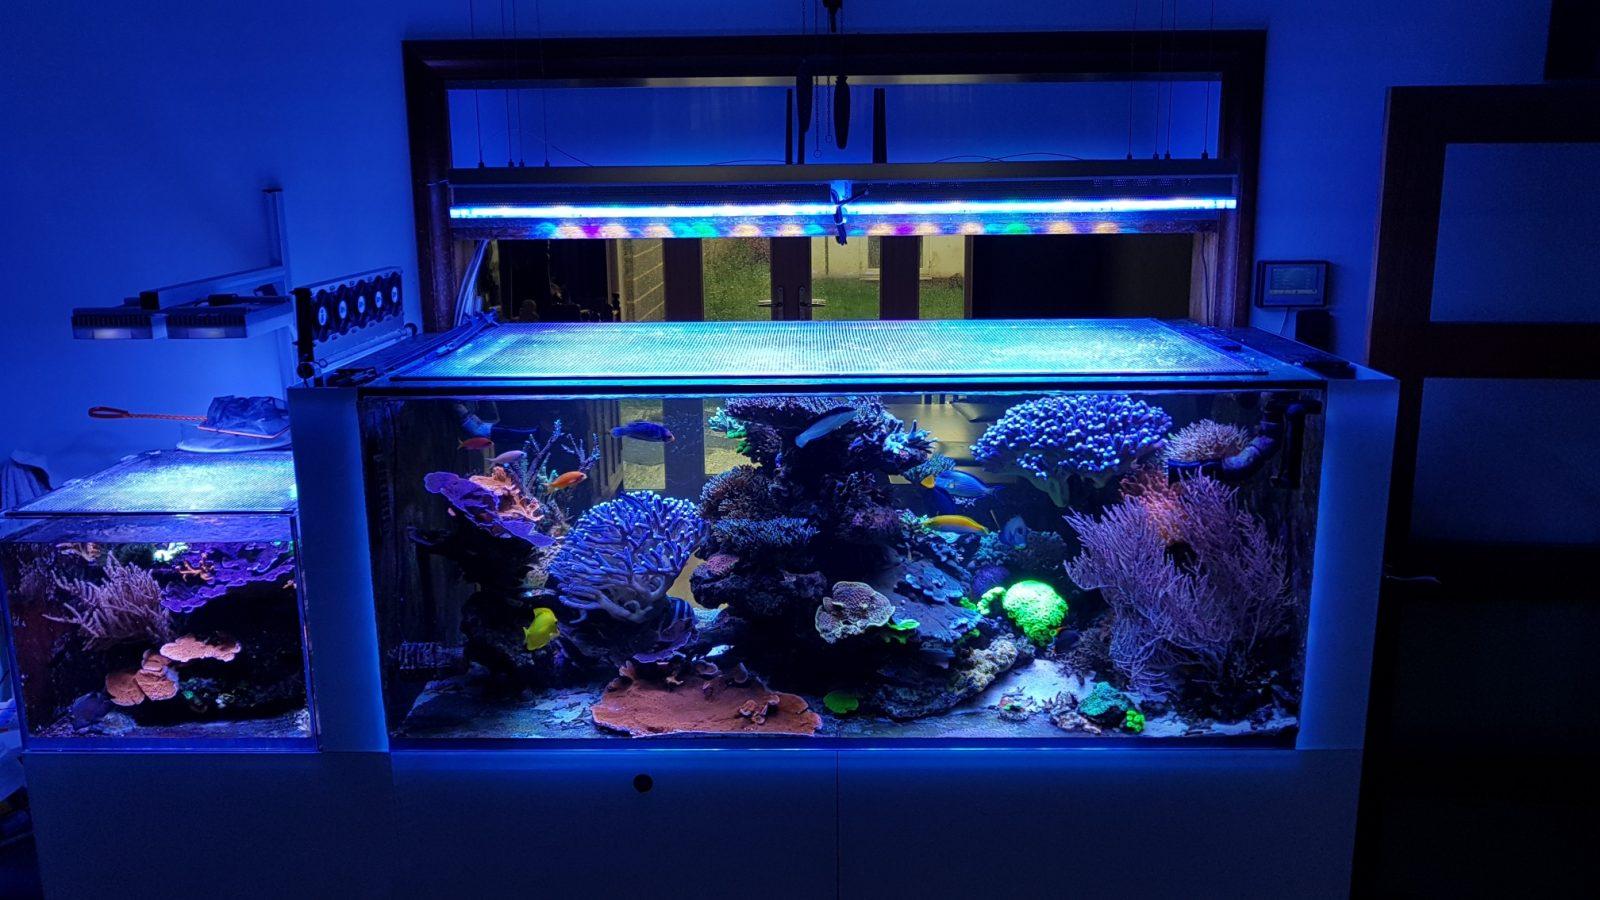 best aquarium LED bar 2020